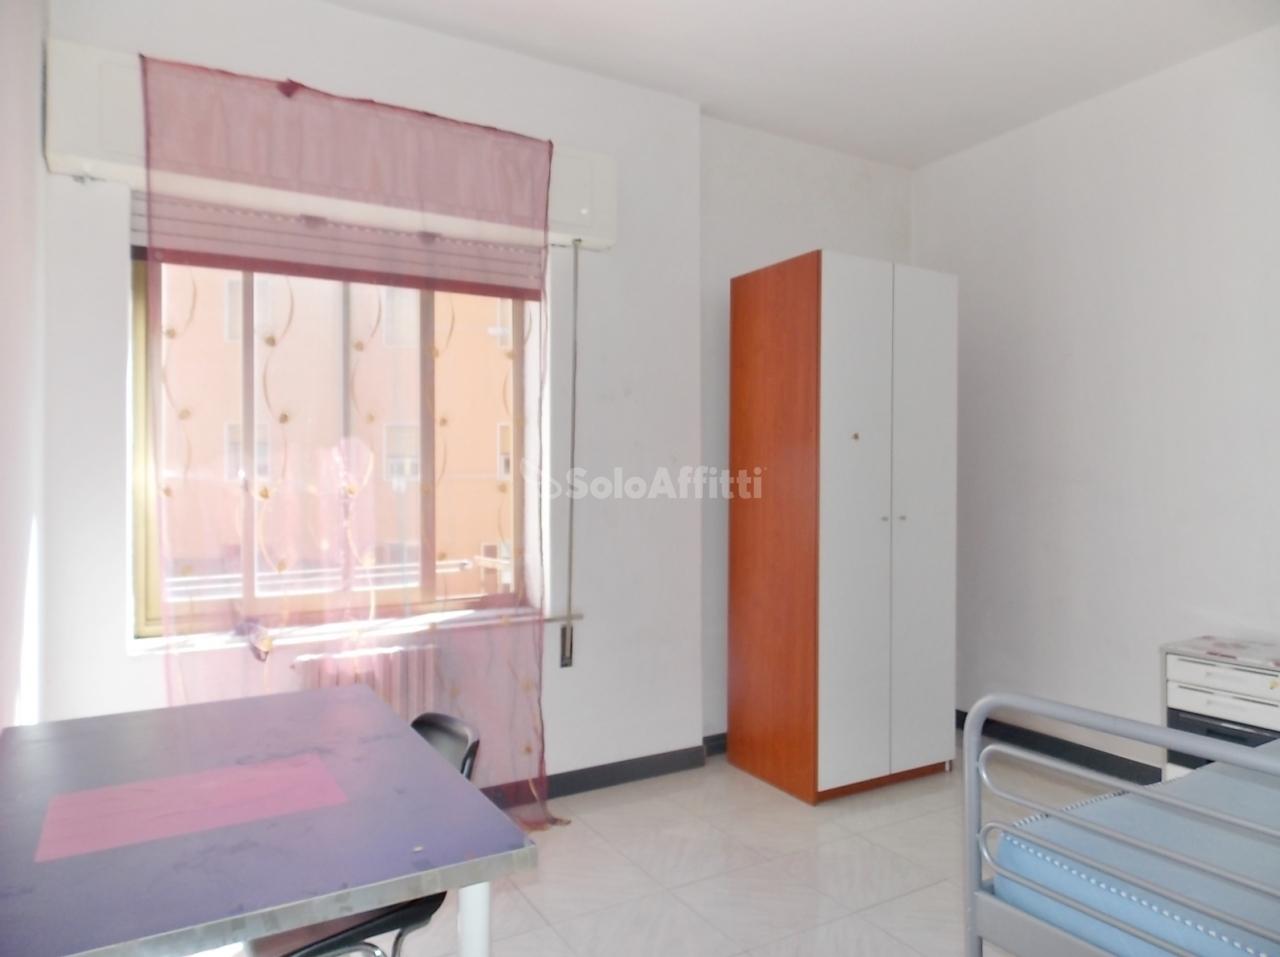 Stanza / posto letto in buone condizioni arredato in affitto Rif. 4133883